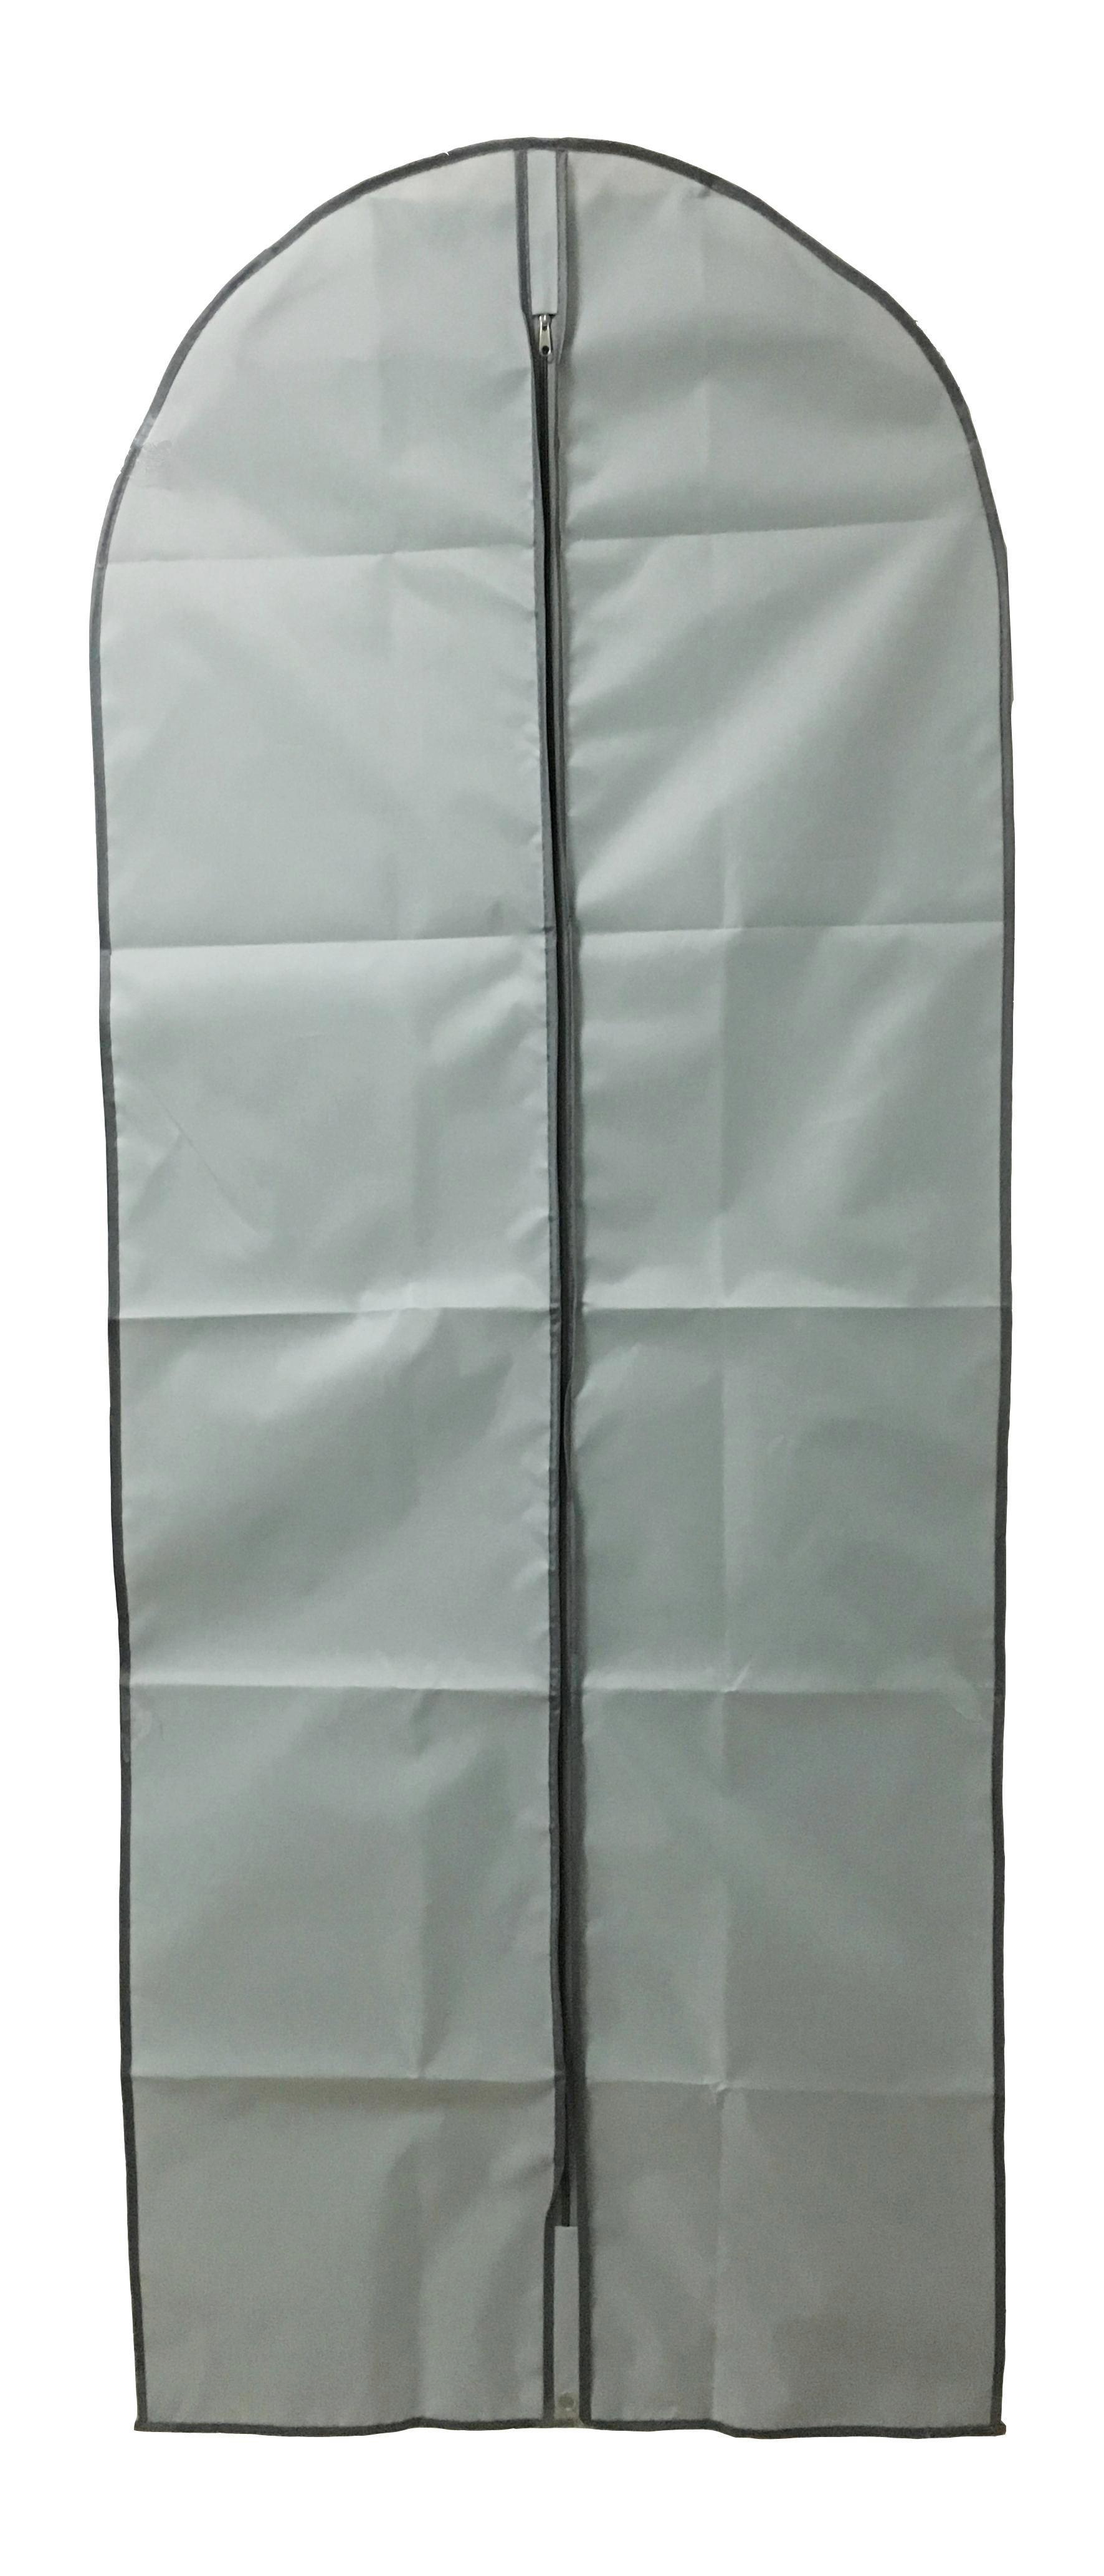 KLEIDERSACK - Grau, Basics, Kunststoff (60/150cm)